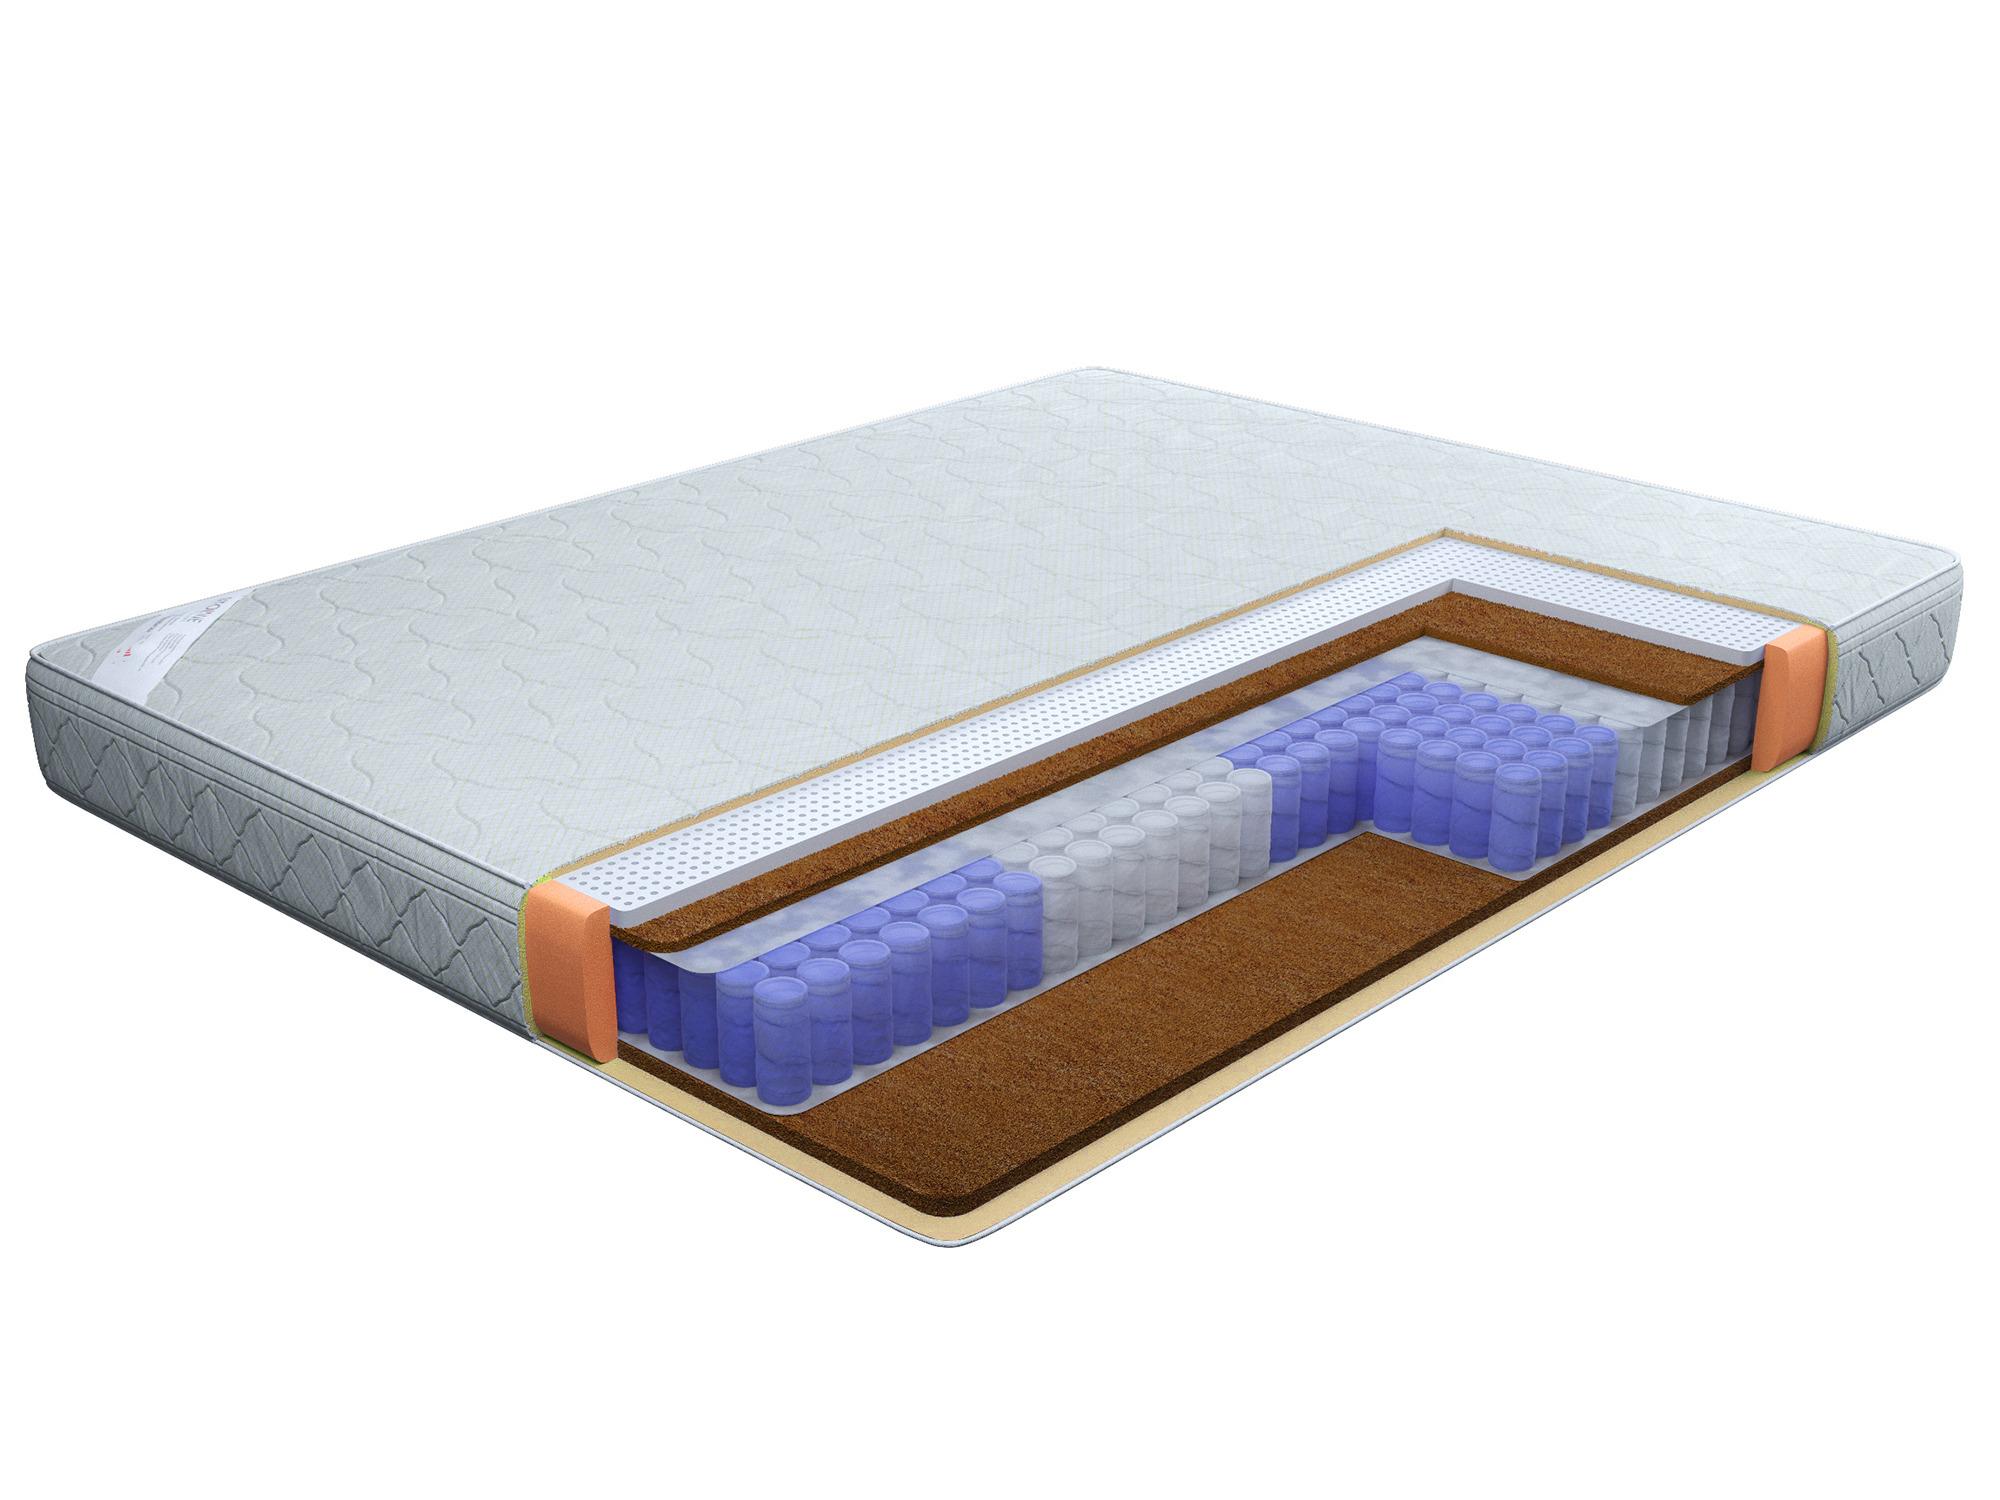 Матрас Премиум-Афродита 1400*2000Мебель для спальни<br>Ортопедический матрас с различной жесткостью сторон на основе блока независимых пружин. Верхняя жесткая сторона содержит кокосовую плиту и волокна сизаля. Волокна сизаля не проводят статическое электричество, предохраняя от ощущения жары и влажности. Нижняя мягкая сторона содержит койру и натуральный латекс- 100% натуральный материал, обладающий антистатическим действием. &#13;Габаритные размеры (ШхВхГ): от 800 x 180-220 x от 1900 мм &#13;Высота: 19-20;&#13;Периметр: пенополиуретан;&#13;Основа: блок независимых пружин (Pocket spring);&#13;Чехол: трикотаж хлопковый, стеганный на ППУ;&#13;Наполнитель: кокосовая койра, настил сизаля, натуральный латекс;&#13;Макс. нагрузка на 1 спальное место: до 120 кг.<br><br>Длина мм: 1400<br>Высота мм: 180<br>Глубина мм: 2000<br>Длина матраса: 2000<br>Ширина матраса: 1400<br>Высота матраса: 200<br>Жесткость матраса: Средняя - Высокая<br>Тип матраса: блок независимых пружин